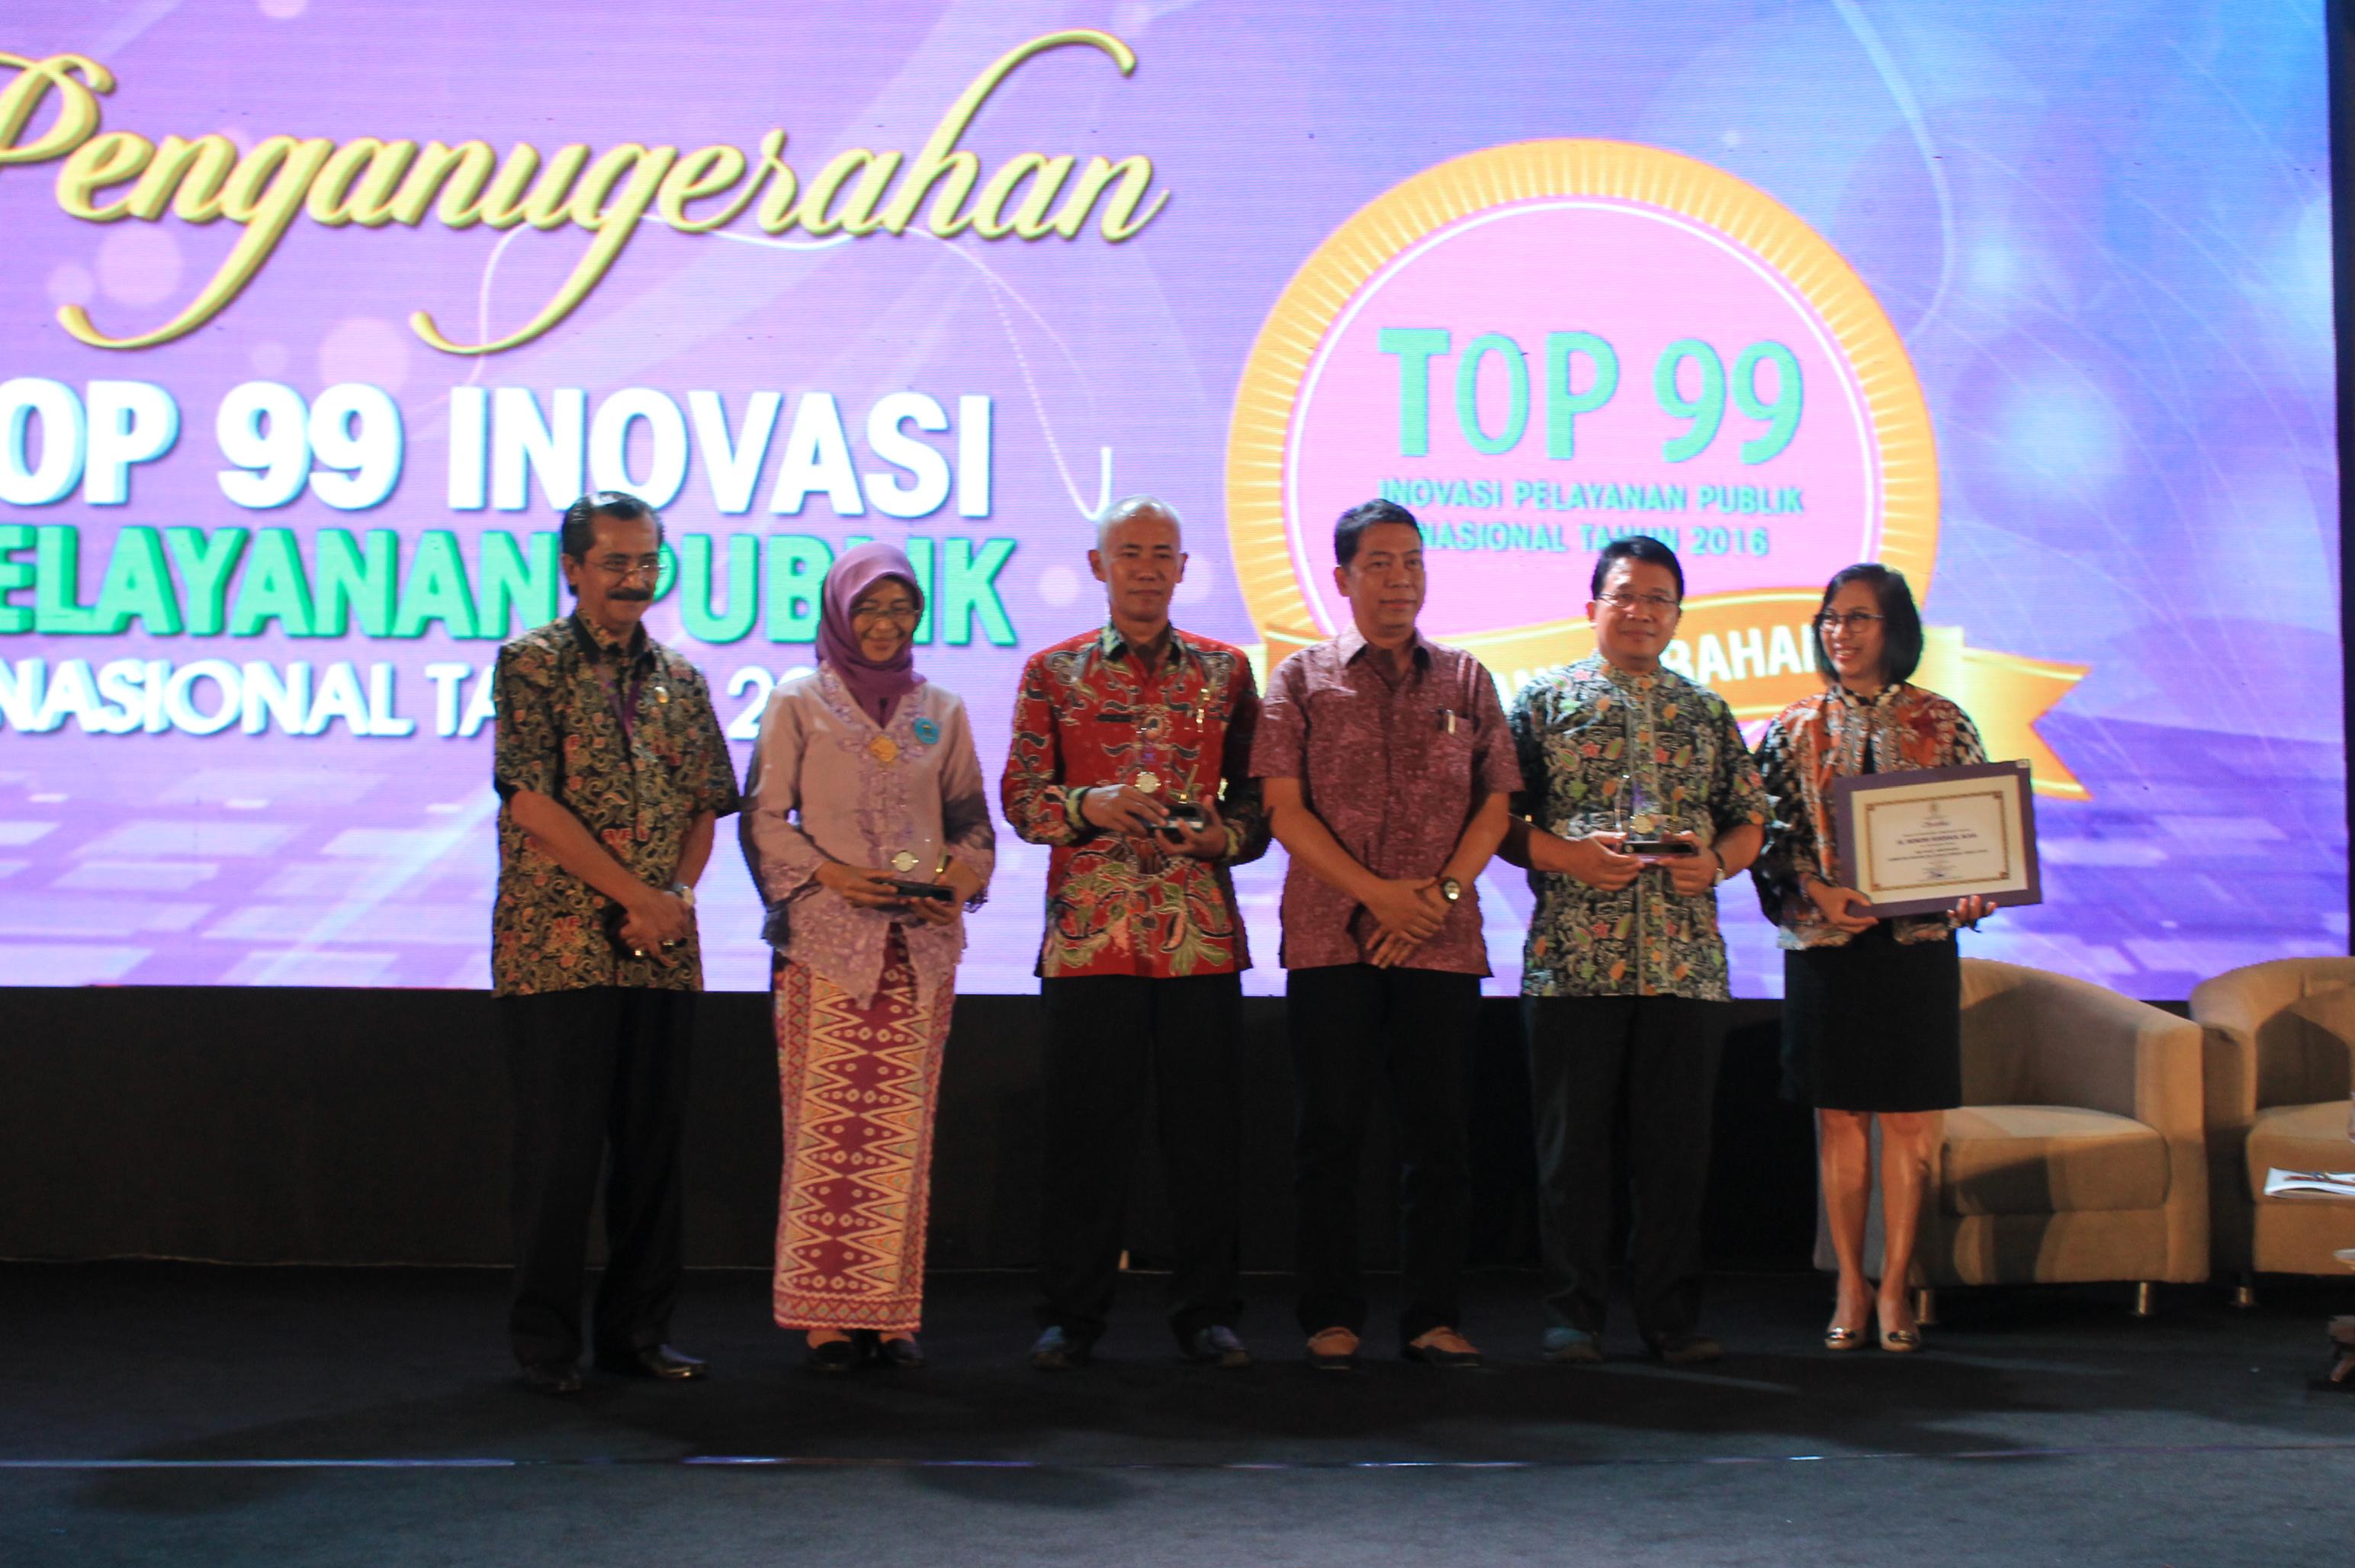 Penghargaan Top 99 Inovasi Pelayanan Publik<BR>Tahun 2016